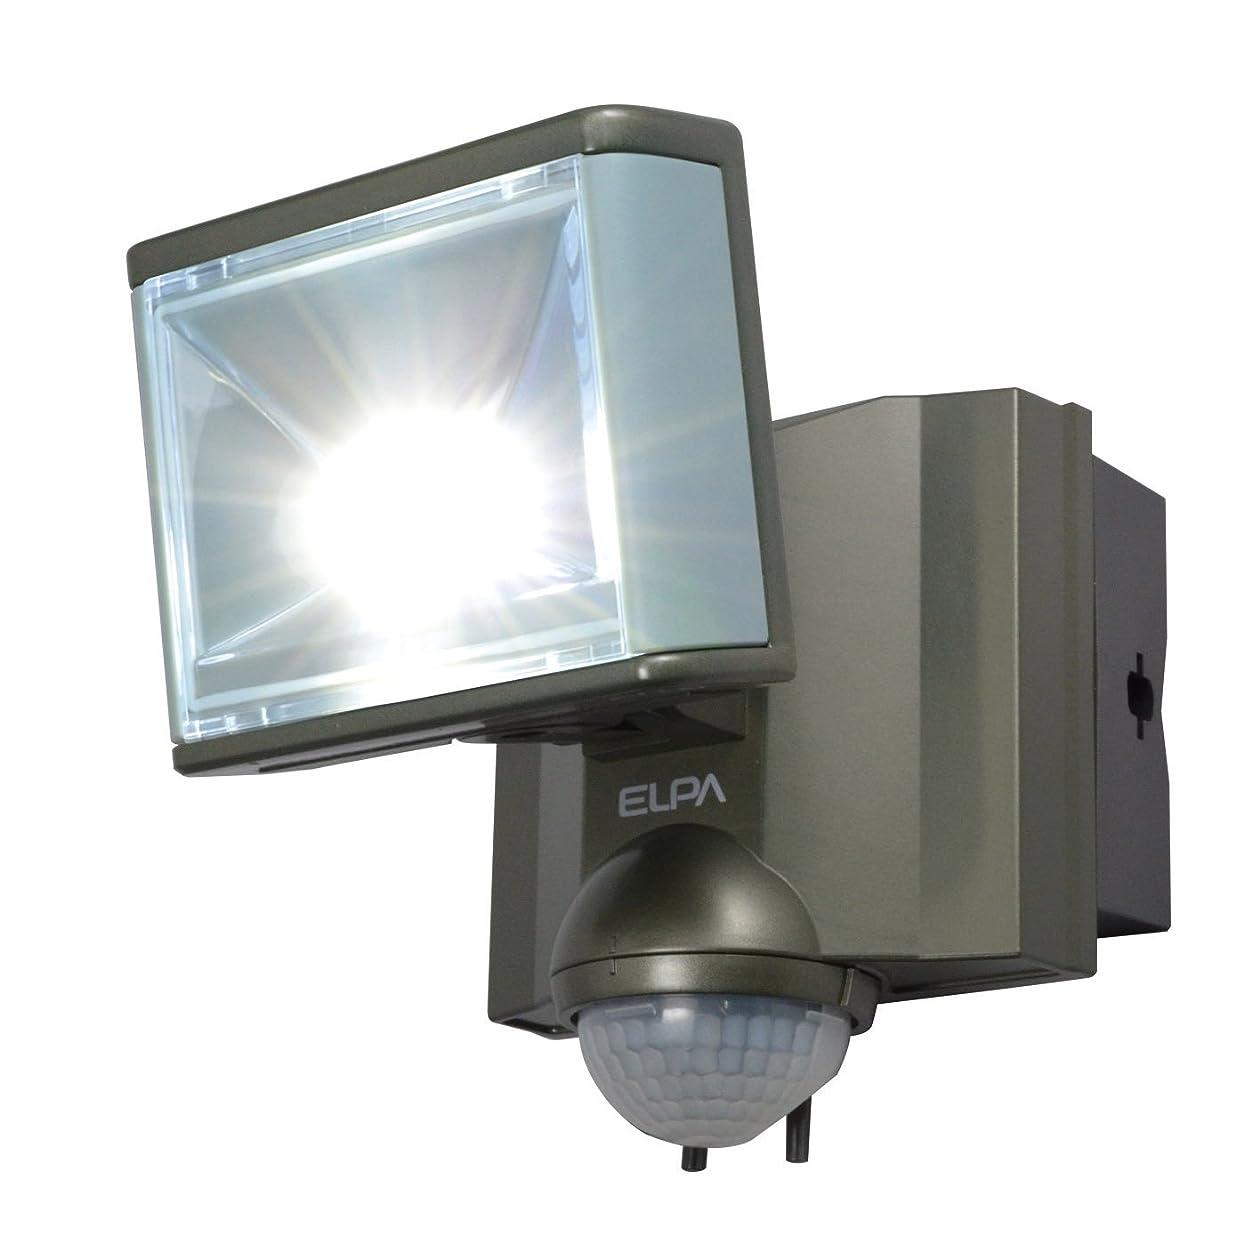 フォーマル破壊する最大ELPA 屋外用センサーライト AC電源 8wLED 1灯 ESL-801AC